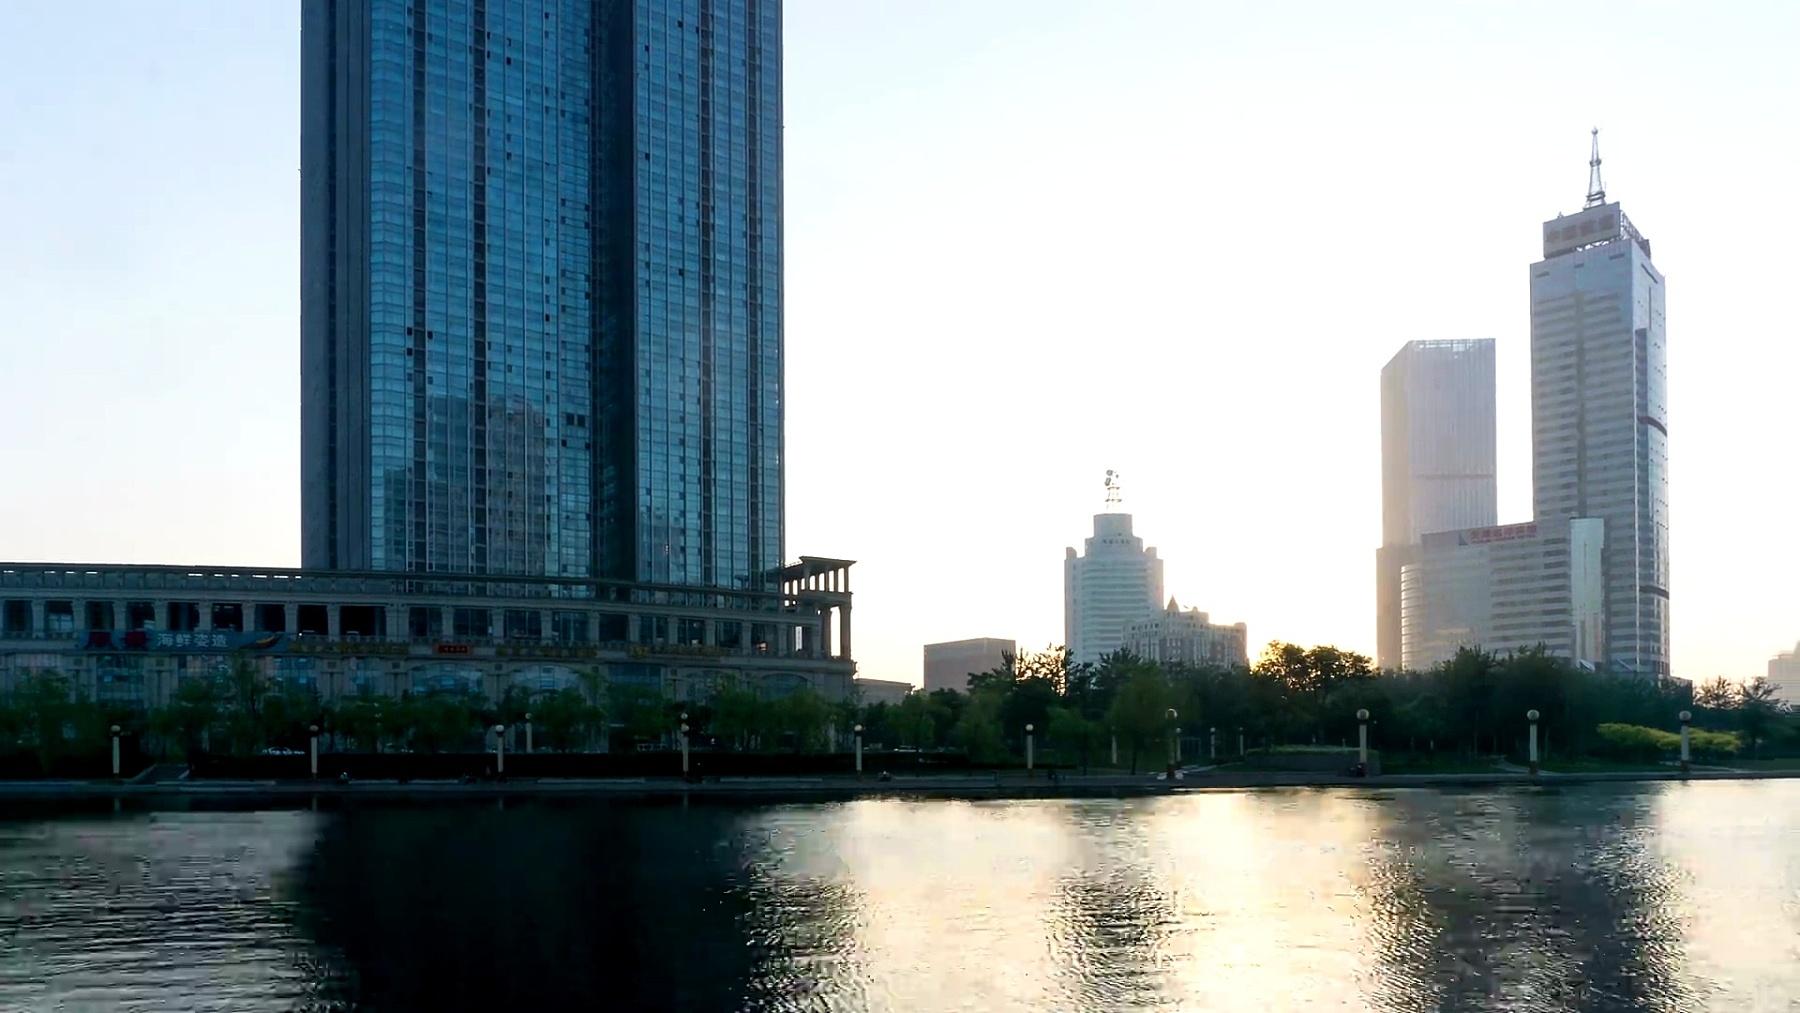 日出时天津河岸的天际线和现代建筑,延时摄影。